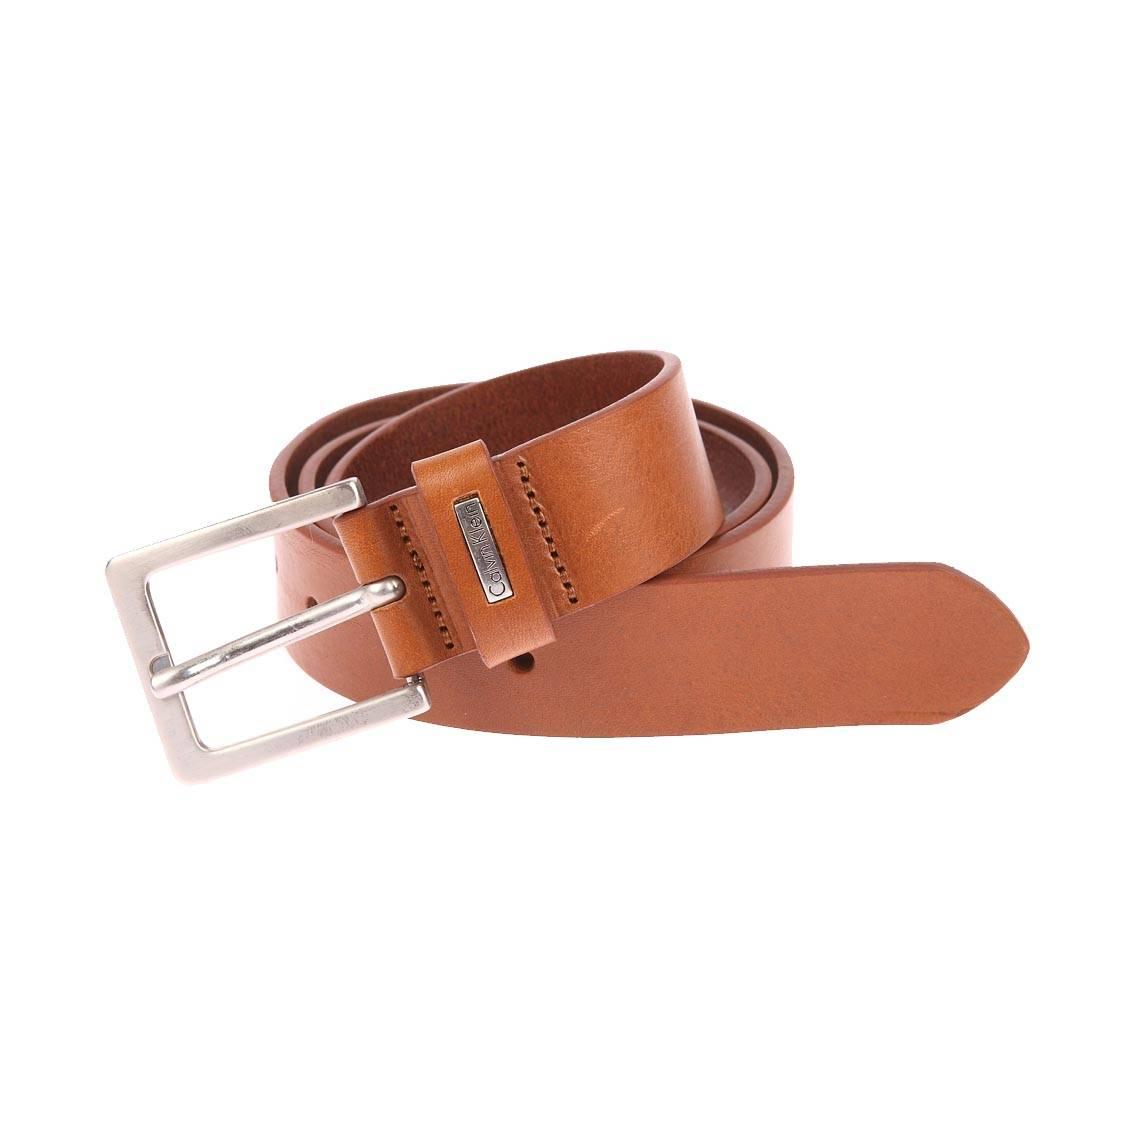 Ceinture Calvin Klein Jeans Mino Belt 3 en cuir cognac à boucle classique 51f5787bb7c